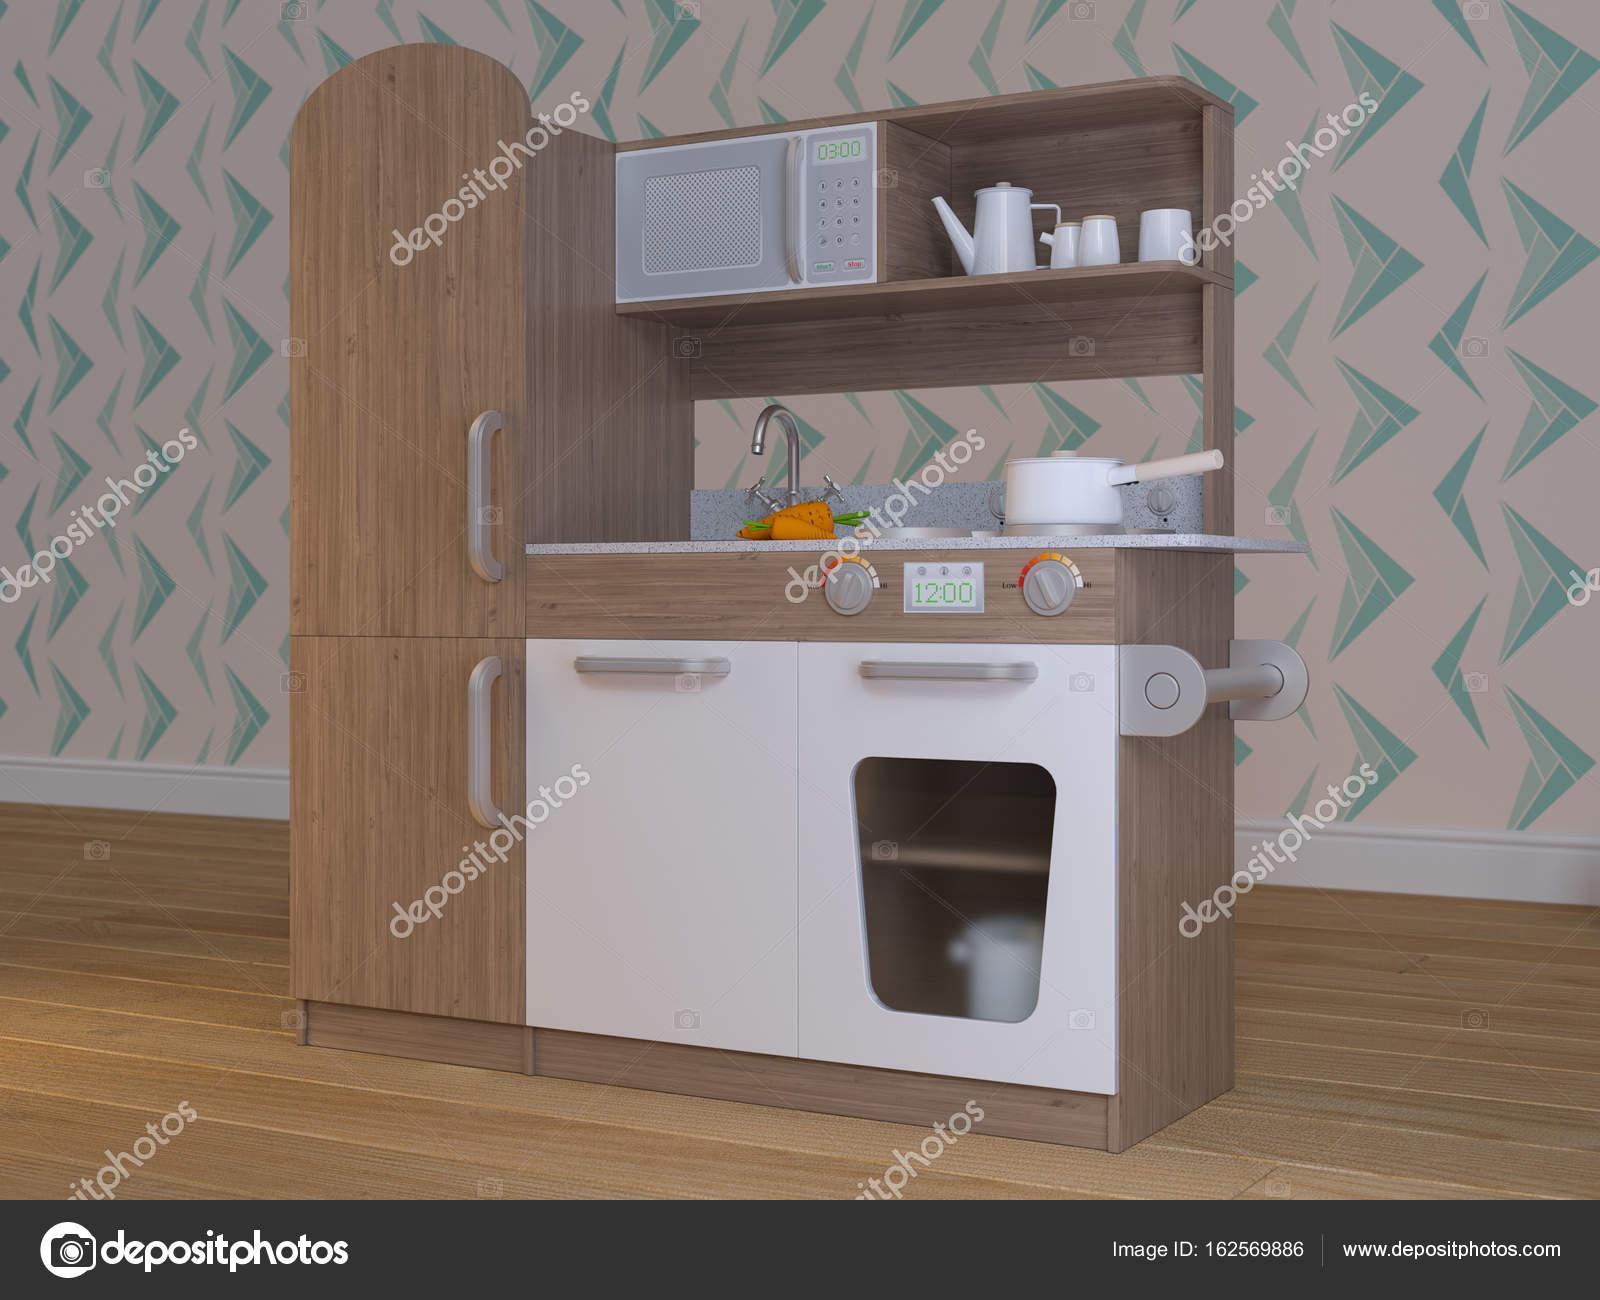 Juego los niños cocina diseño interior con accesorios — Foto ...